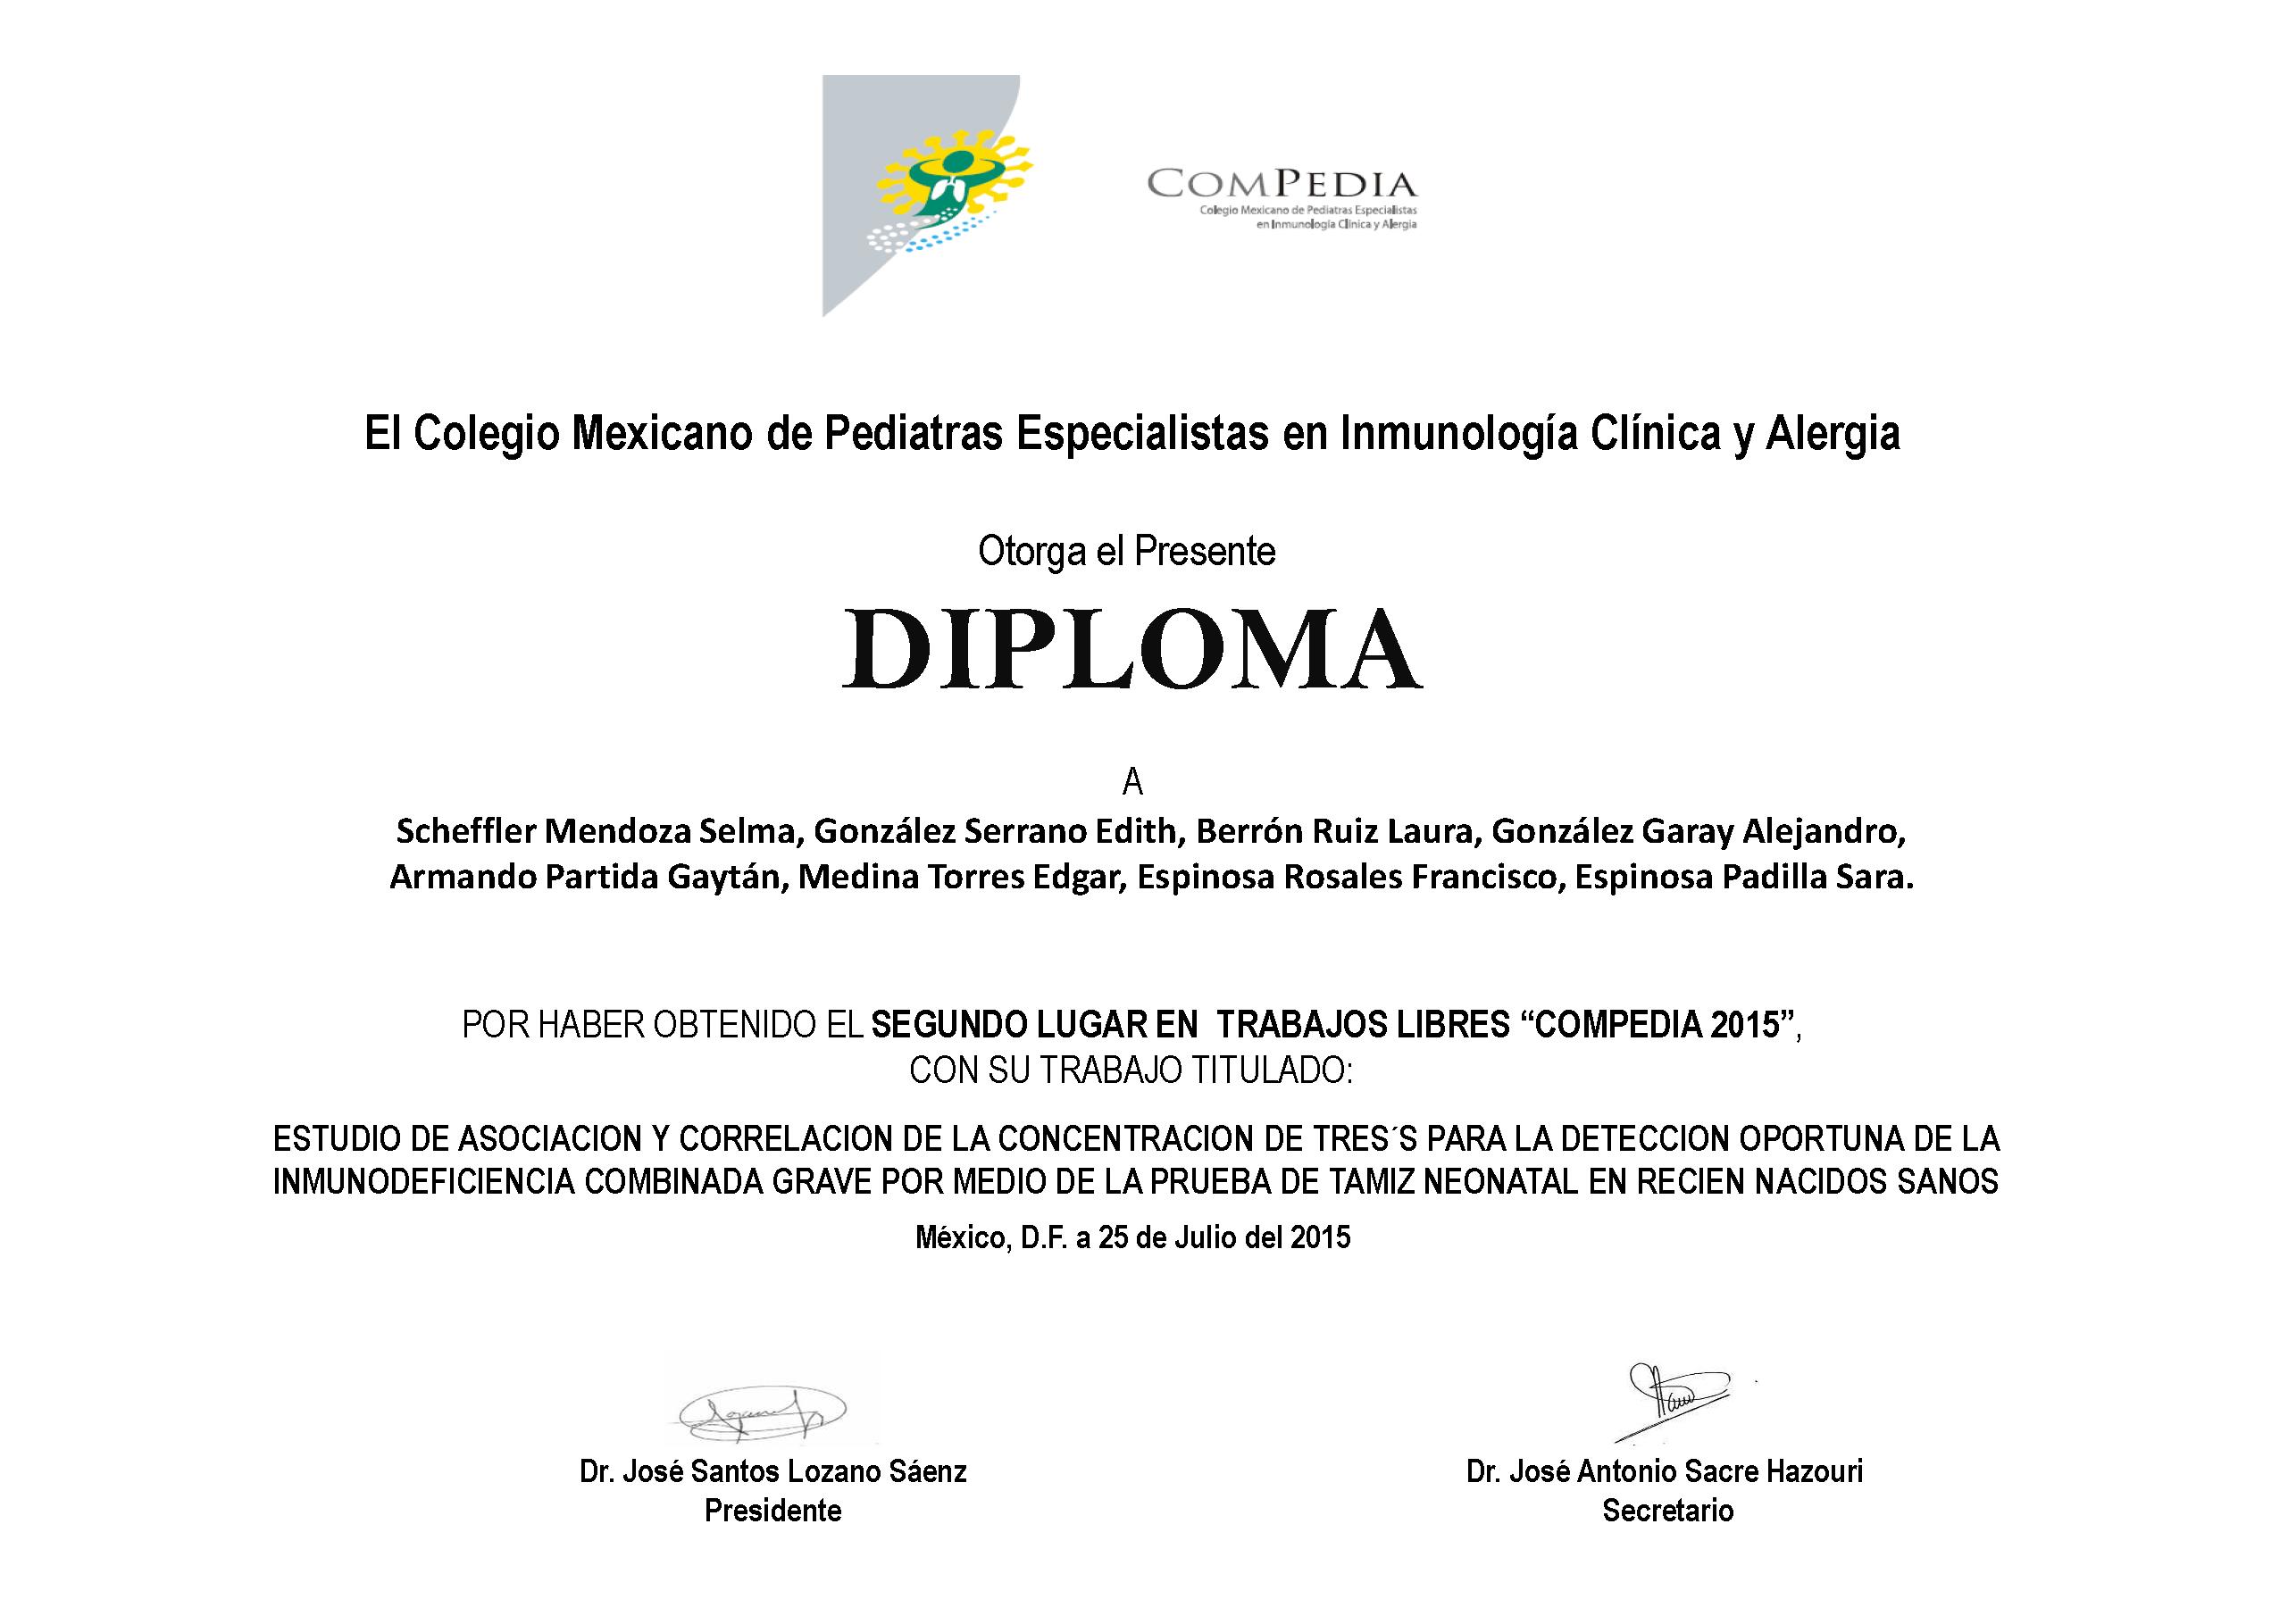 Diplomas Ganadores Segundo lugarTrabajos Libres 2015